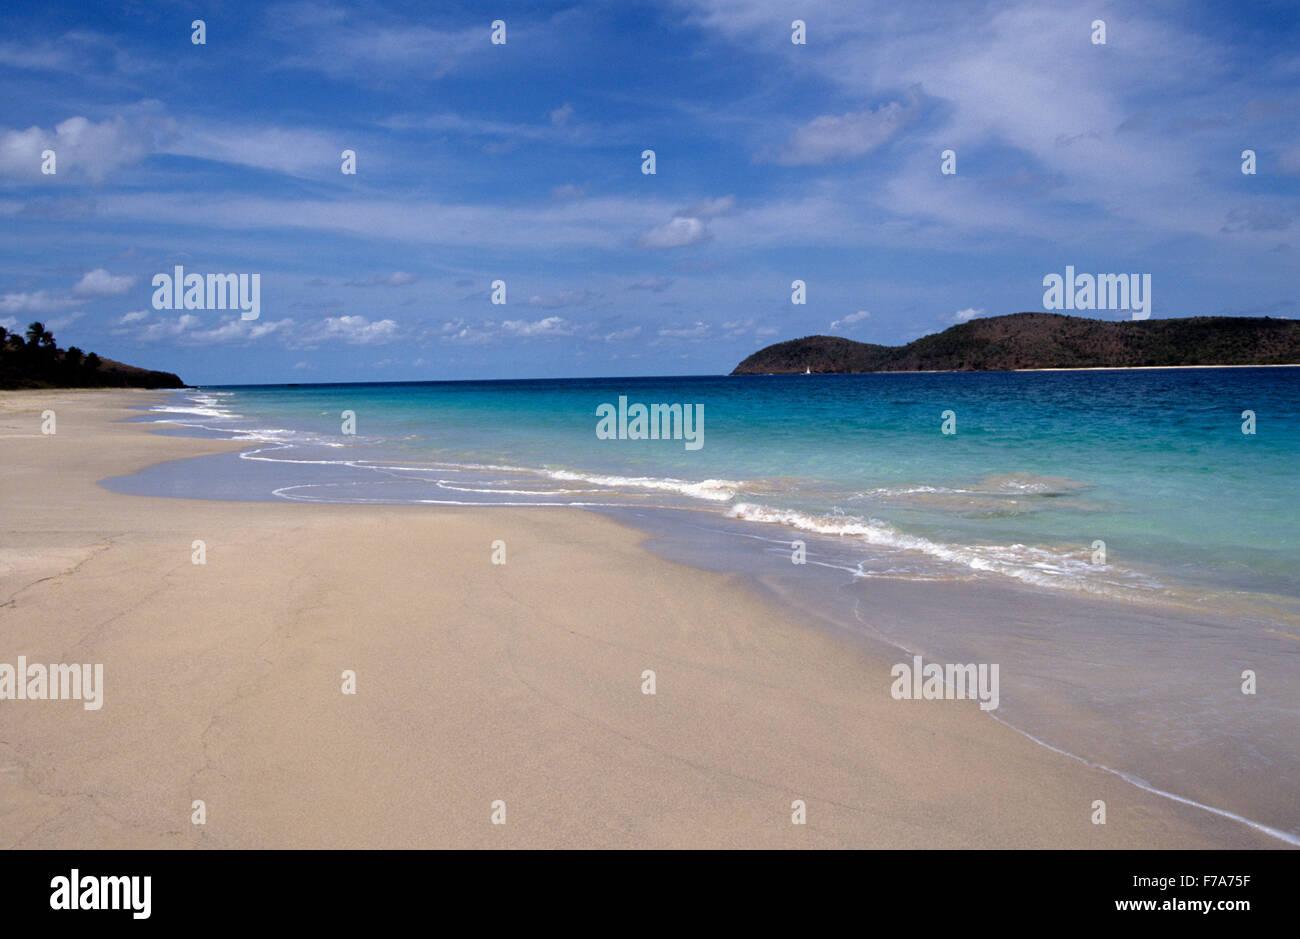 Ruhig Zoni Strand auf Culebra, Puerto Rico Stockfoto